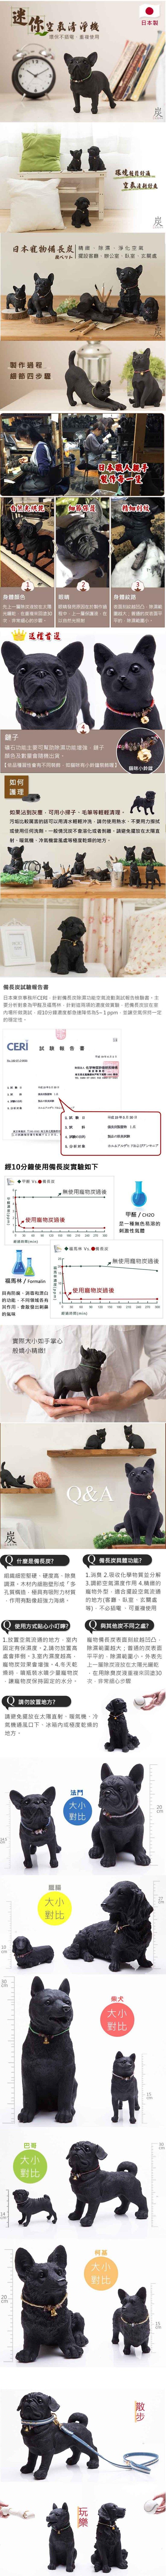 土山炭製作所│紀州備長炭寵物藝術裝飾 - 長毛臘腸(XL)